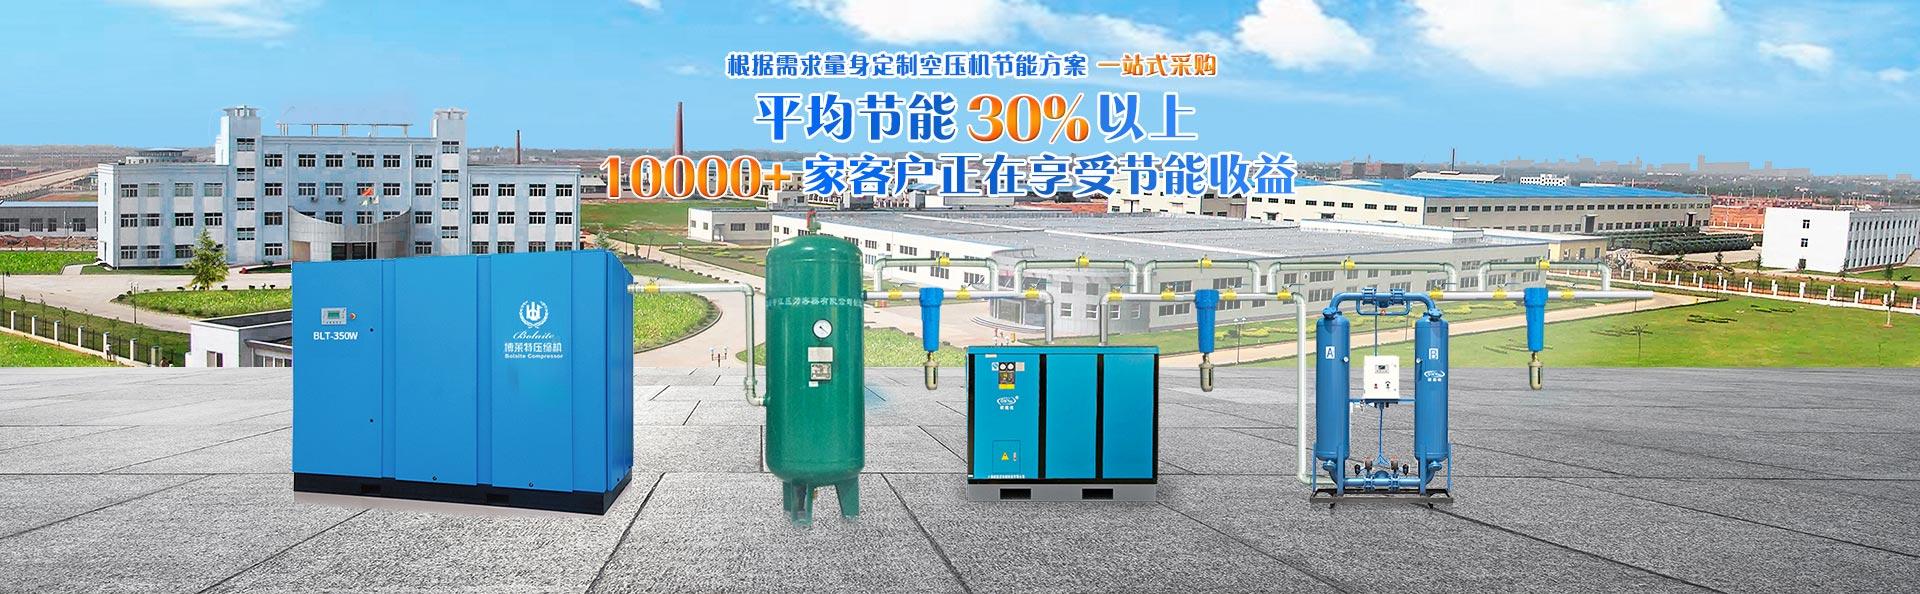 阿特拉斯-博莱特压缩机跨省销售至青岛,售后服务有保障